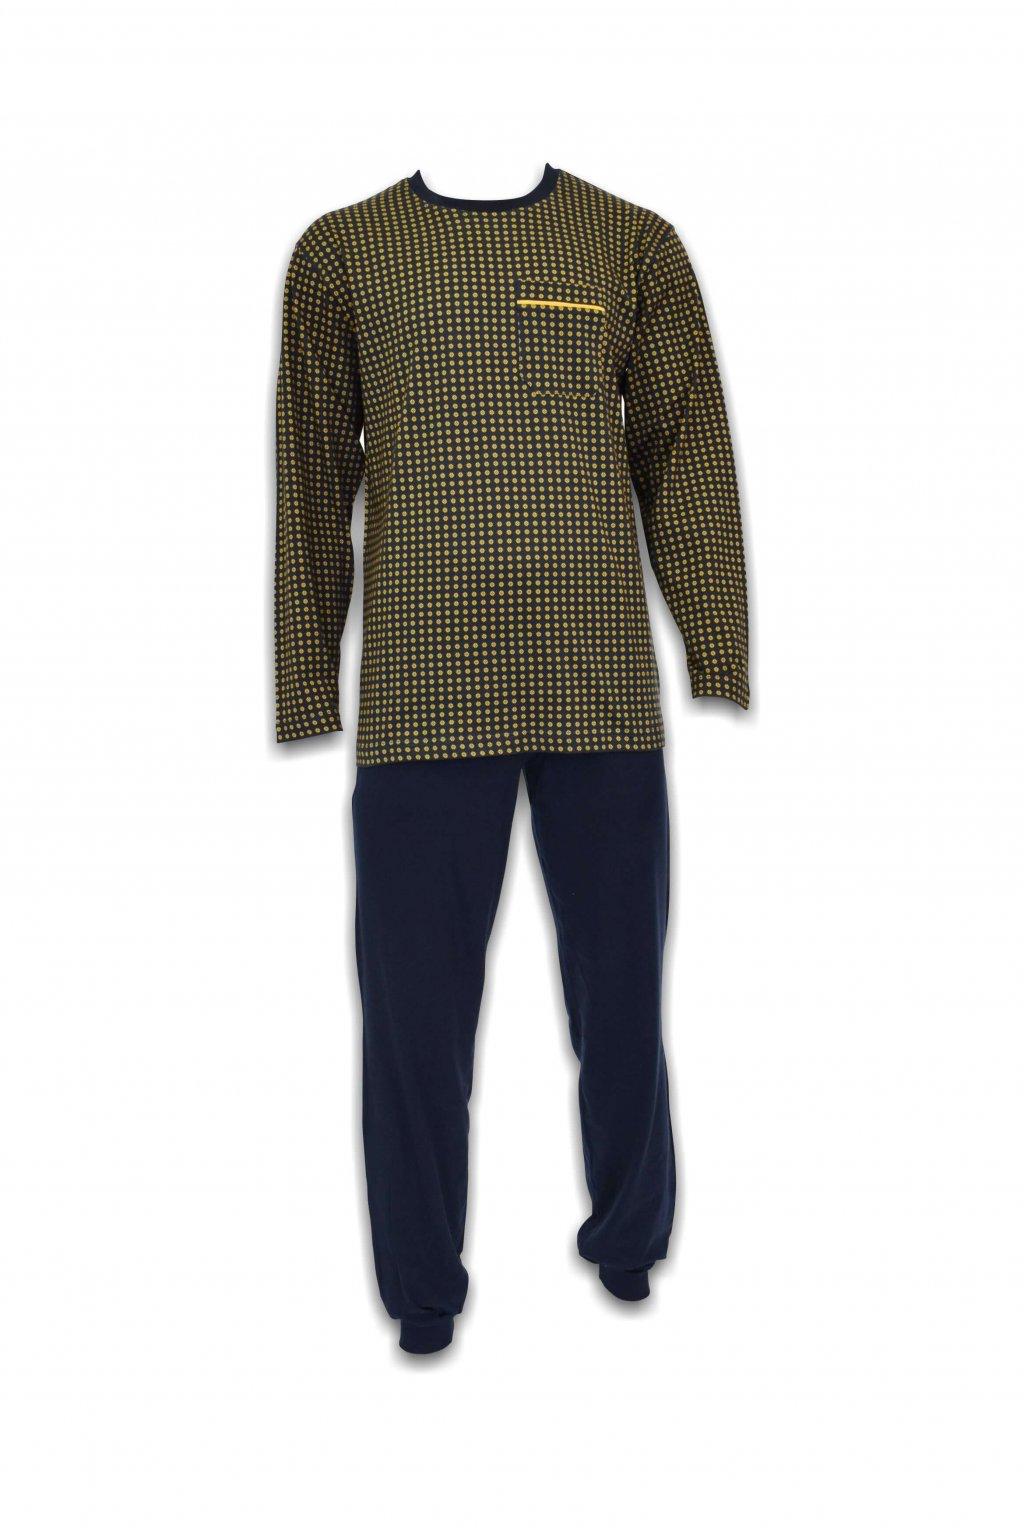 pánske-pyžamo-favab.sk.jpg